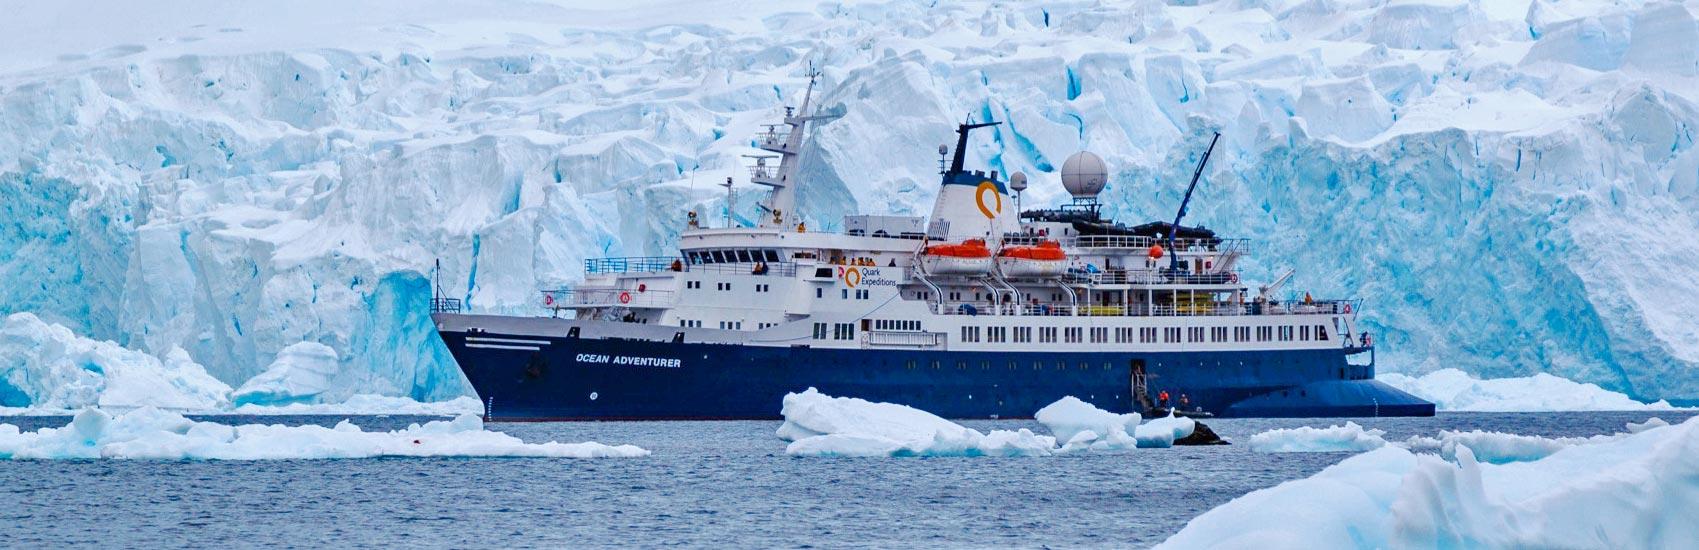 Saison arctique 2023 – Économies sur les réservations anticipées avec Quark Expeditions 5